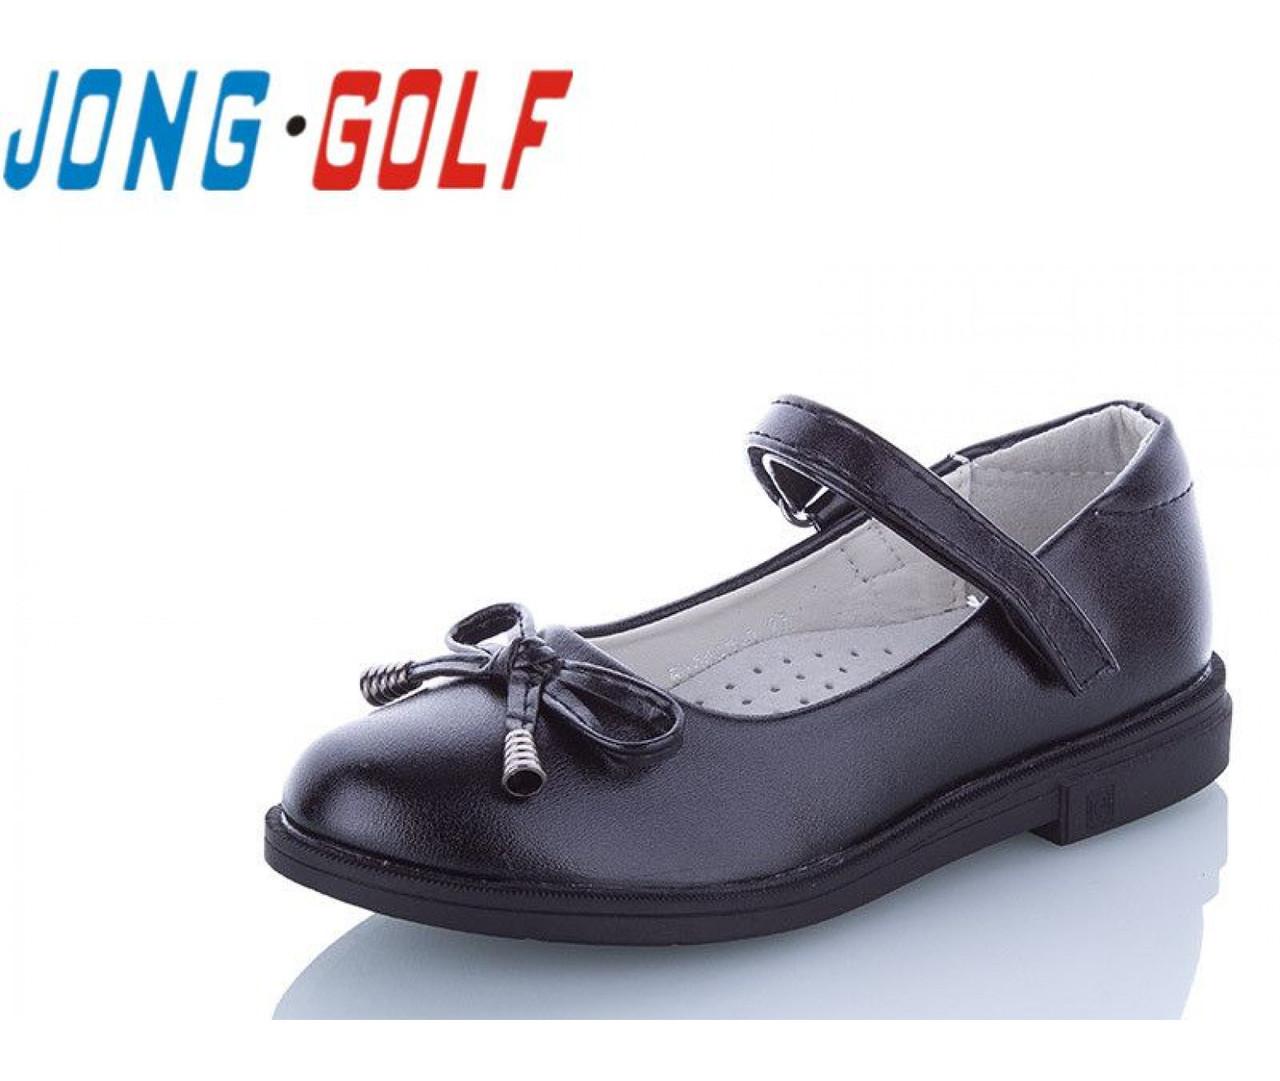 Туфли подросток черные,туфли детские школьные на девочку Jong-Golf-B10093-0